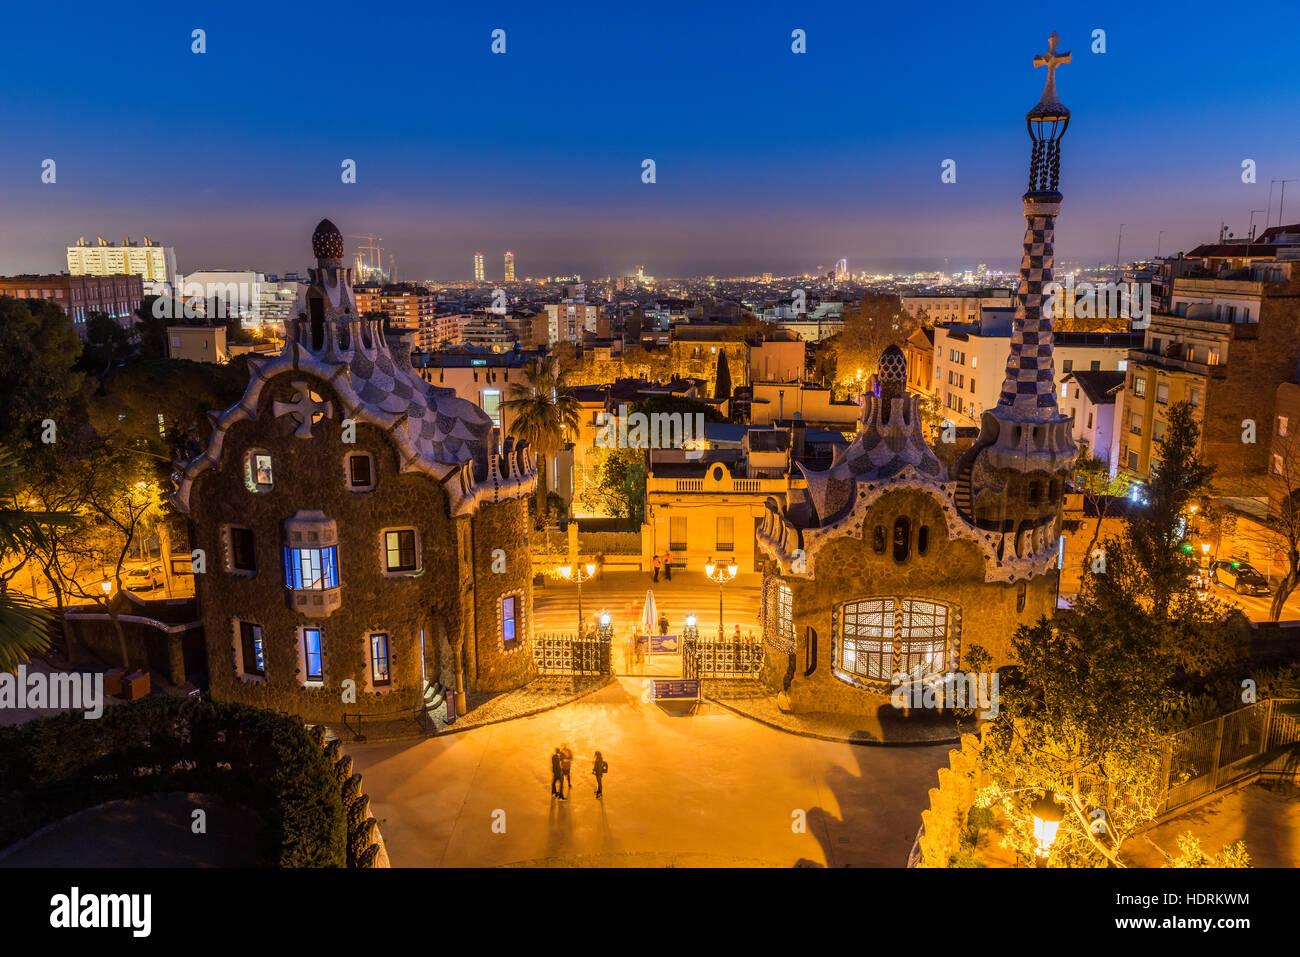 Vue de nuit sur le parc Guell avec derrière les toits de la ville, Barcelone, Catalogne, Espagne Photo Stock